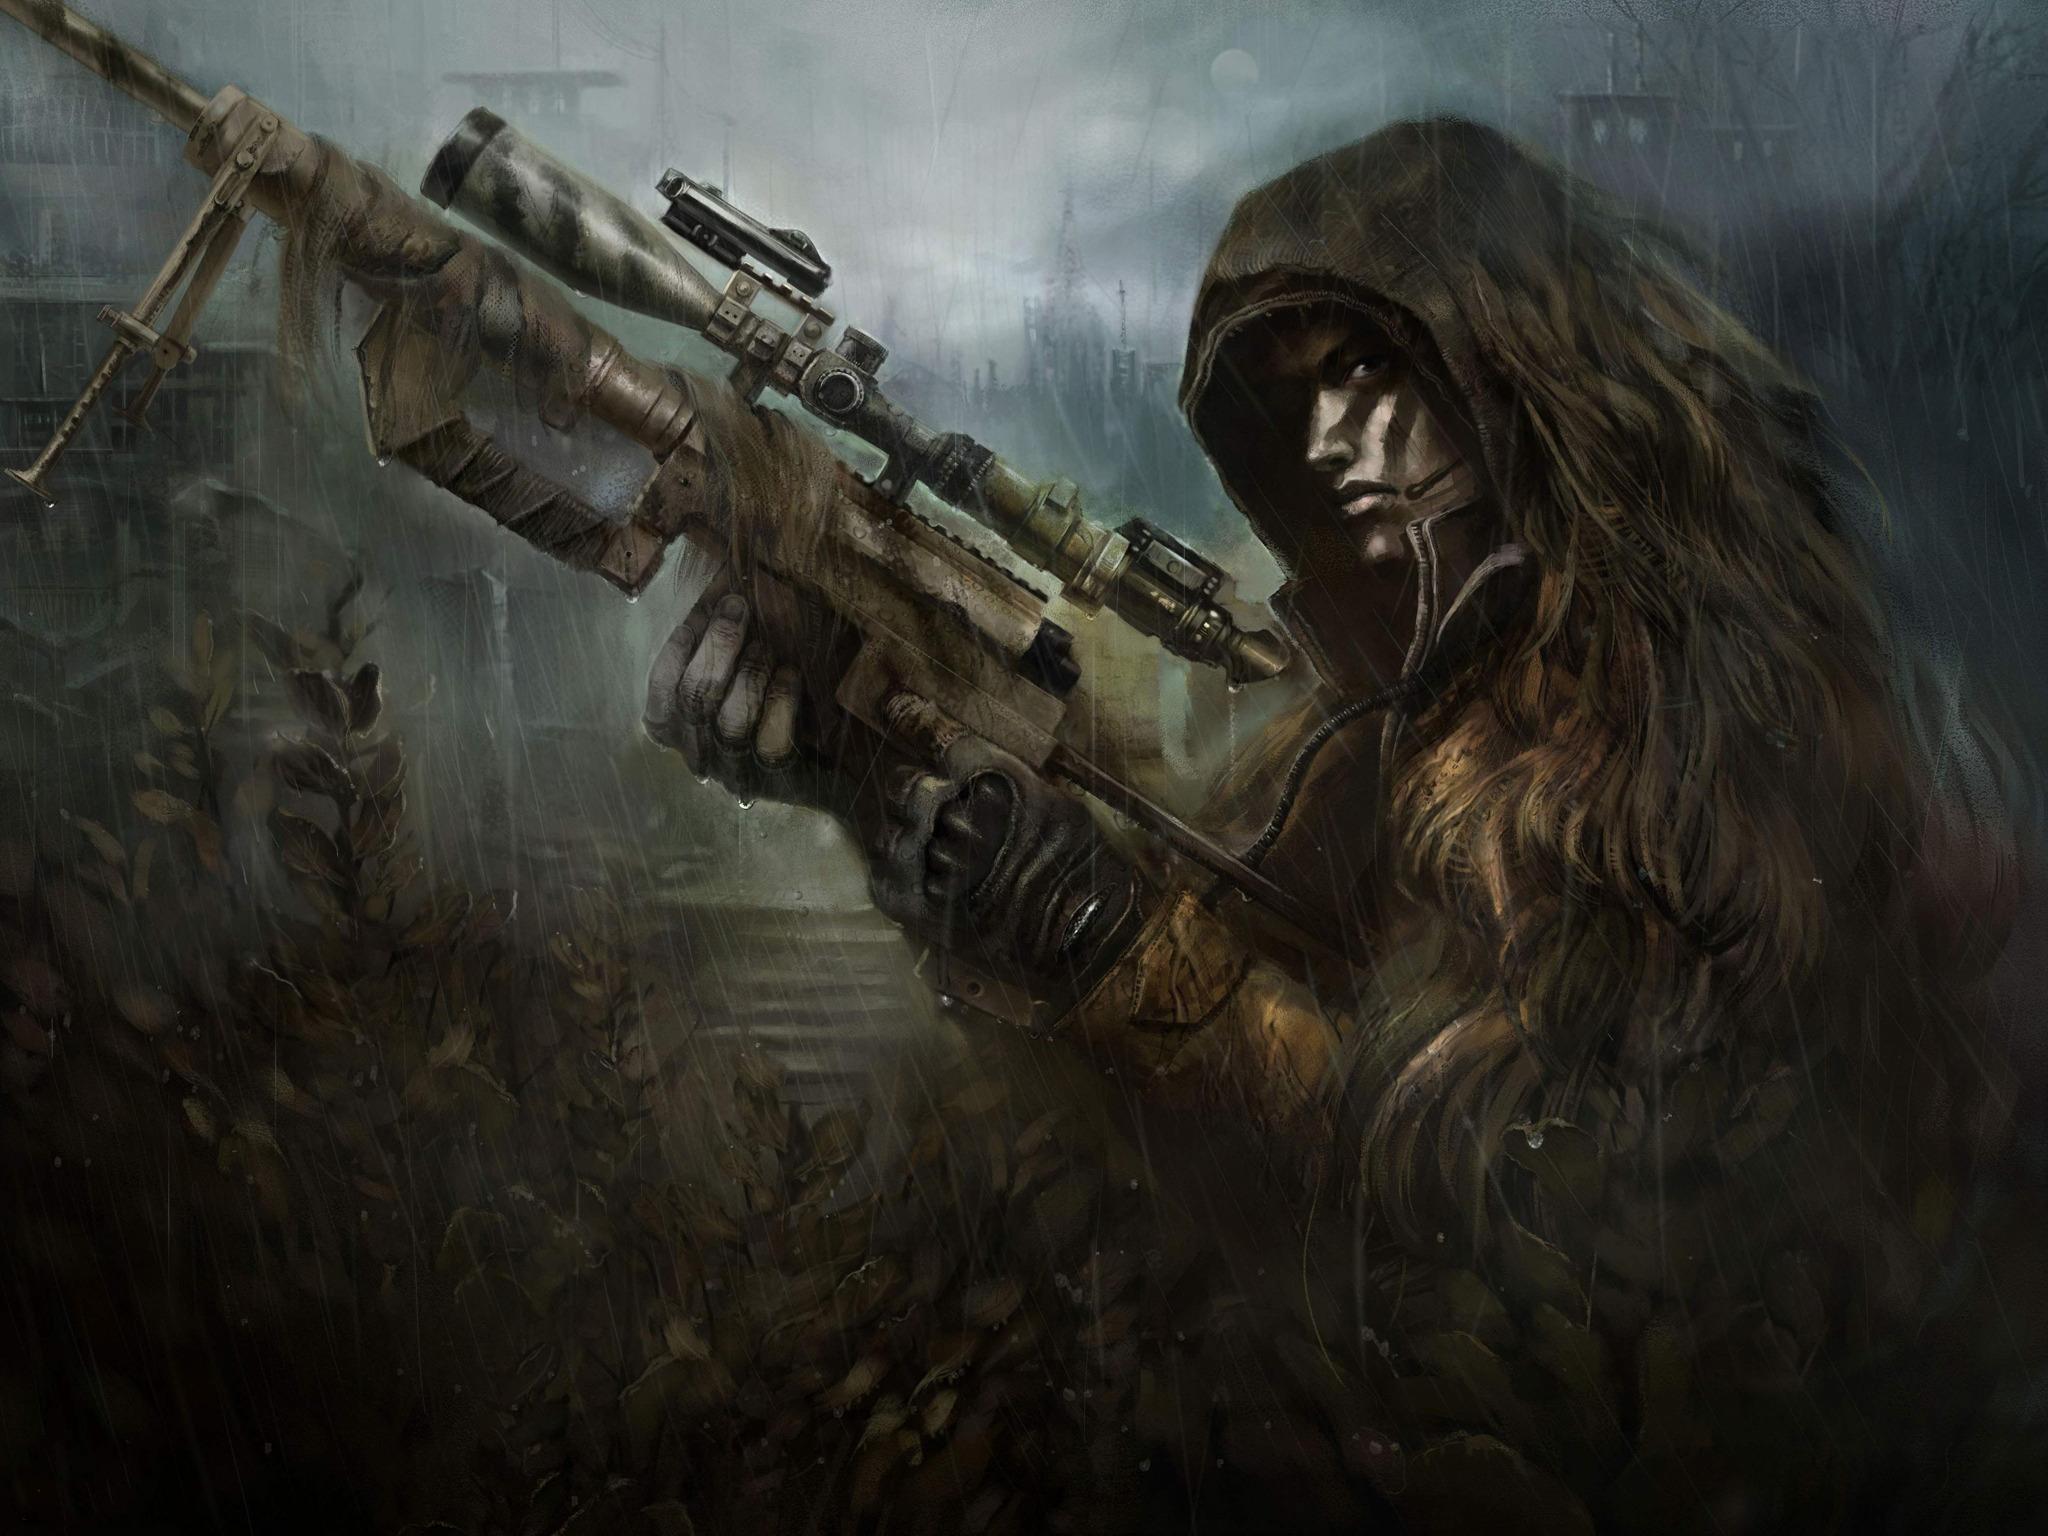 Картинки крутого снайпера